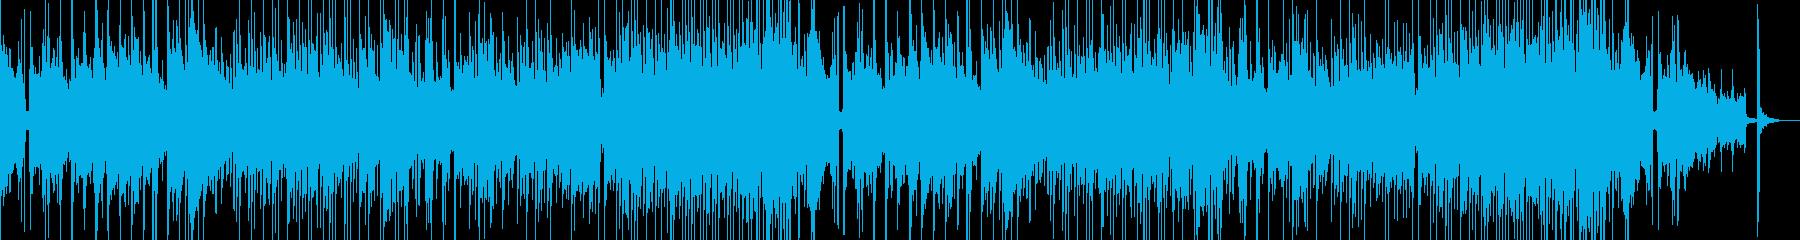 童謡を引用!落ち着いた日常系日本・和風曲の再生済みの波形